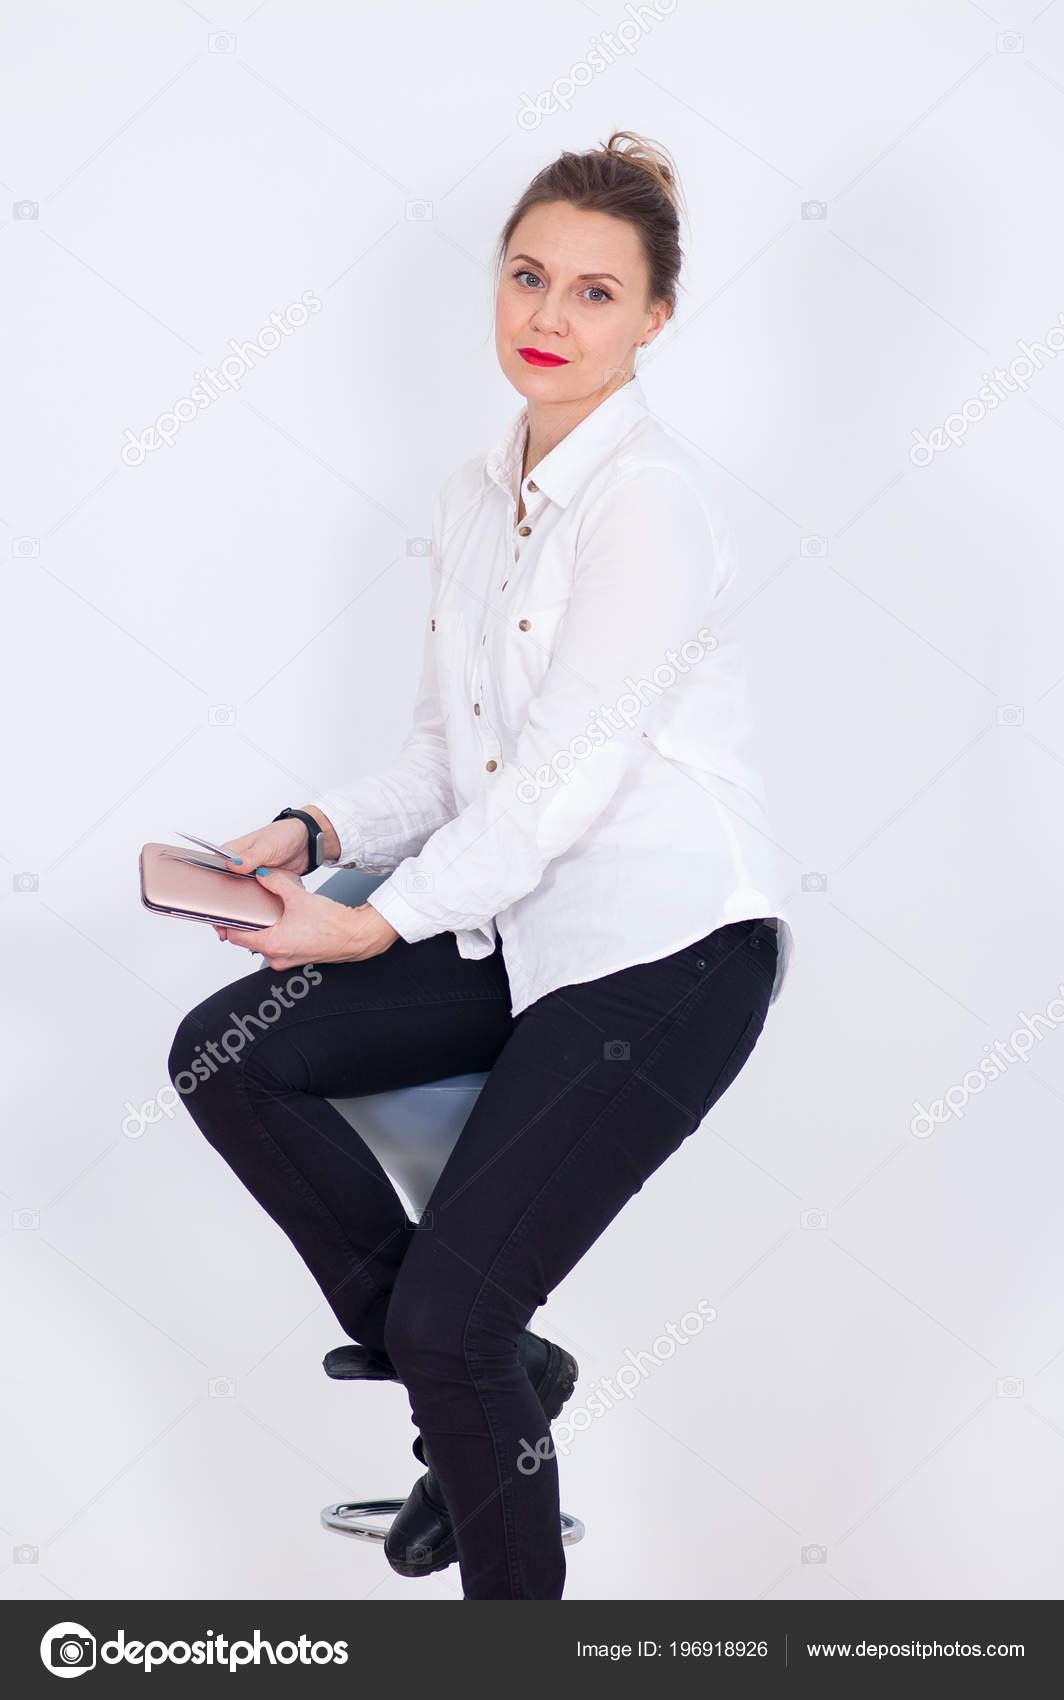 241ebfc407 Ritratto di visagista femmina attraente in camicia bianca e pantaloni neri  con sensuali labbra rosse Holding pinzette per sopracciglia sulle sue mani e  ...